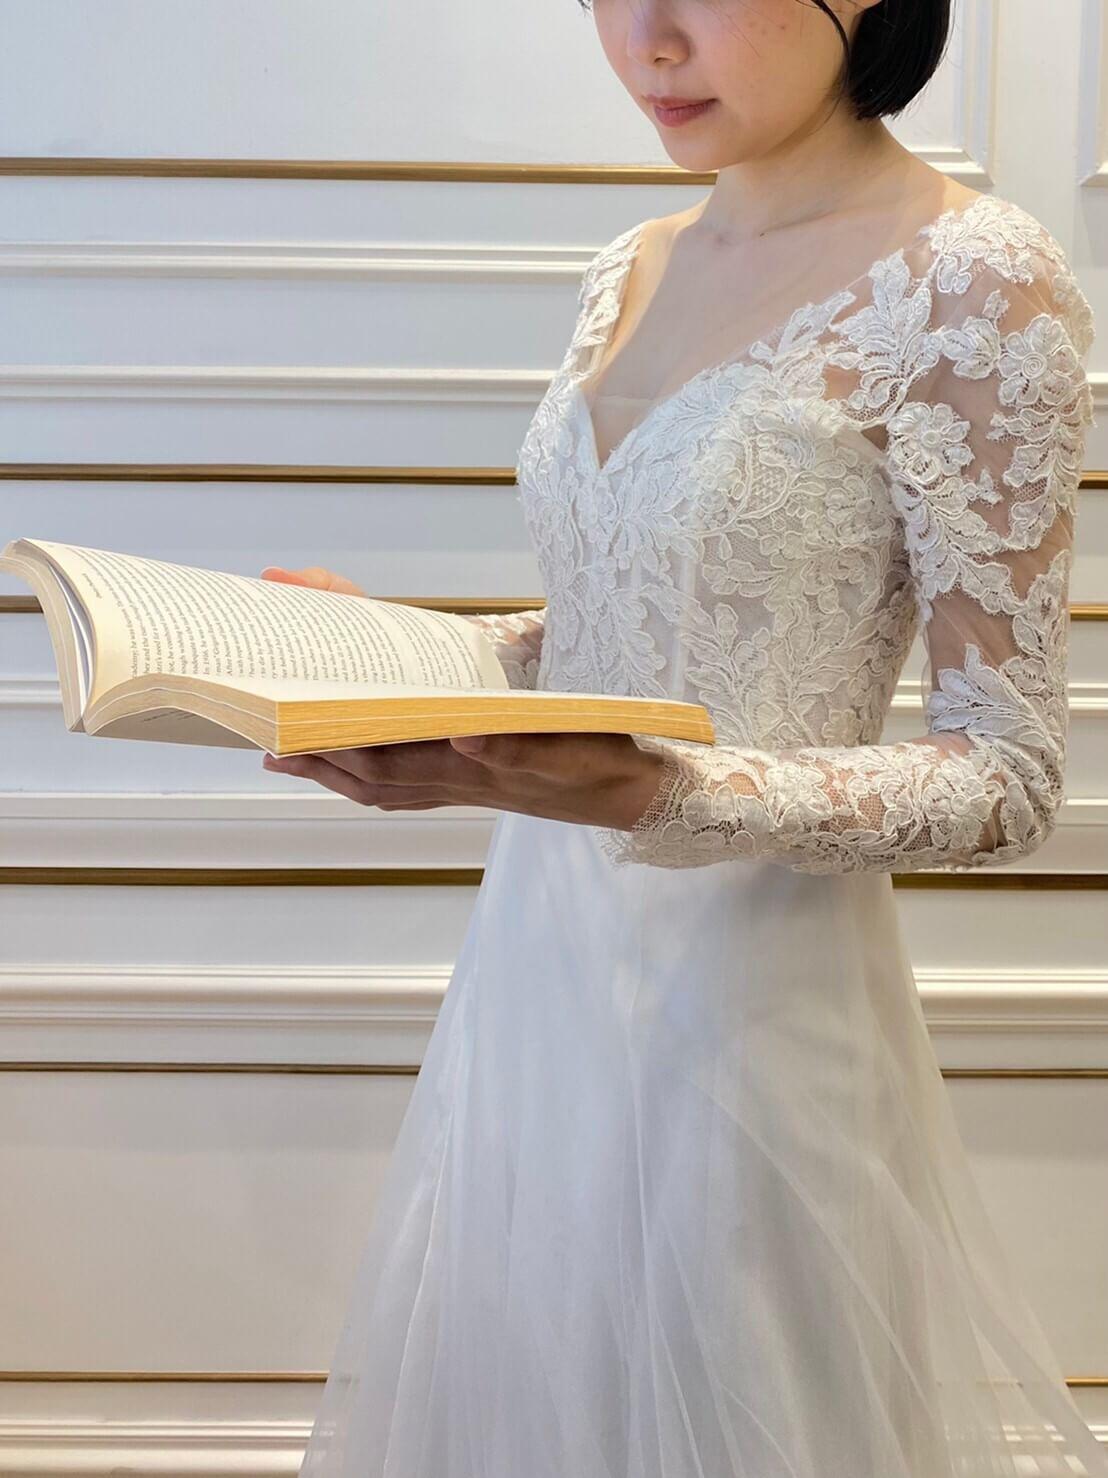 名古屋のおしゃれなインポートのウェディングドレスがお好きな新婦様におすすめのアムサーラのウェディングドレス